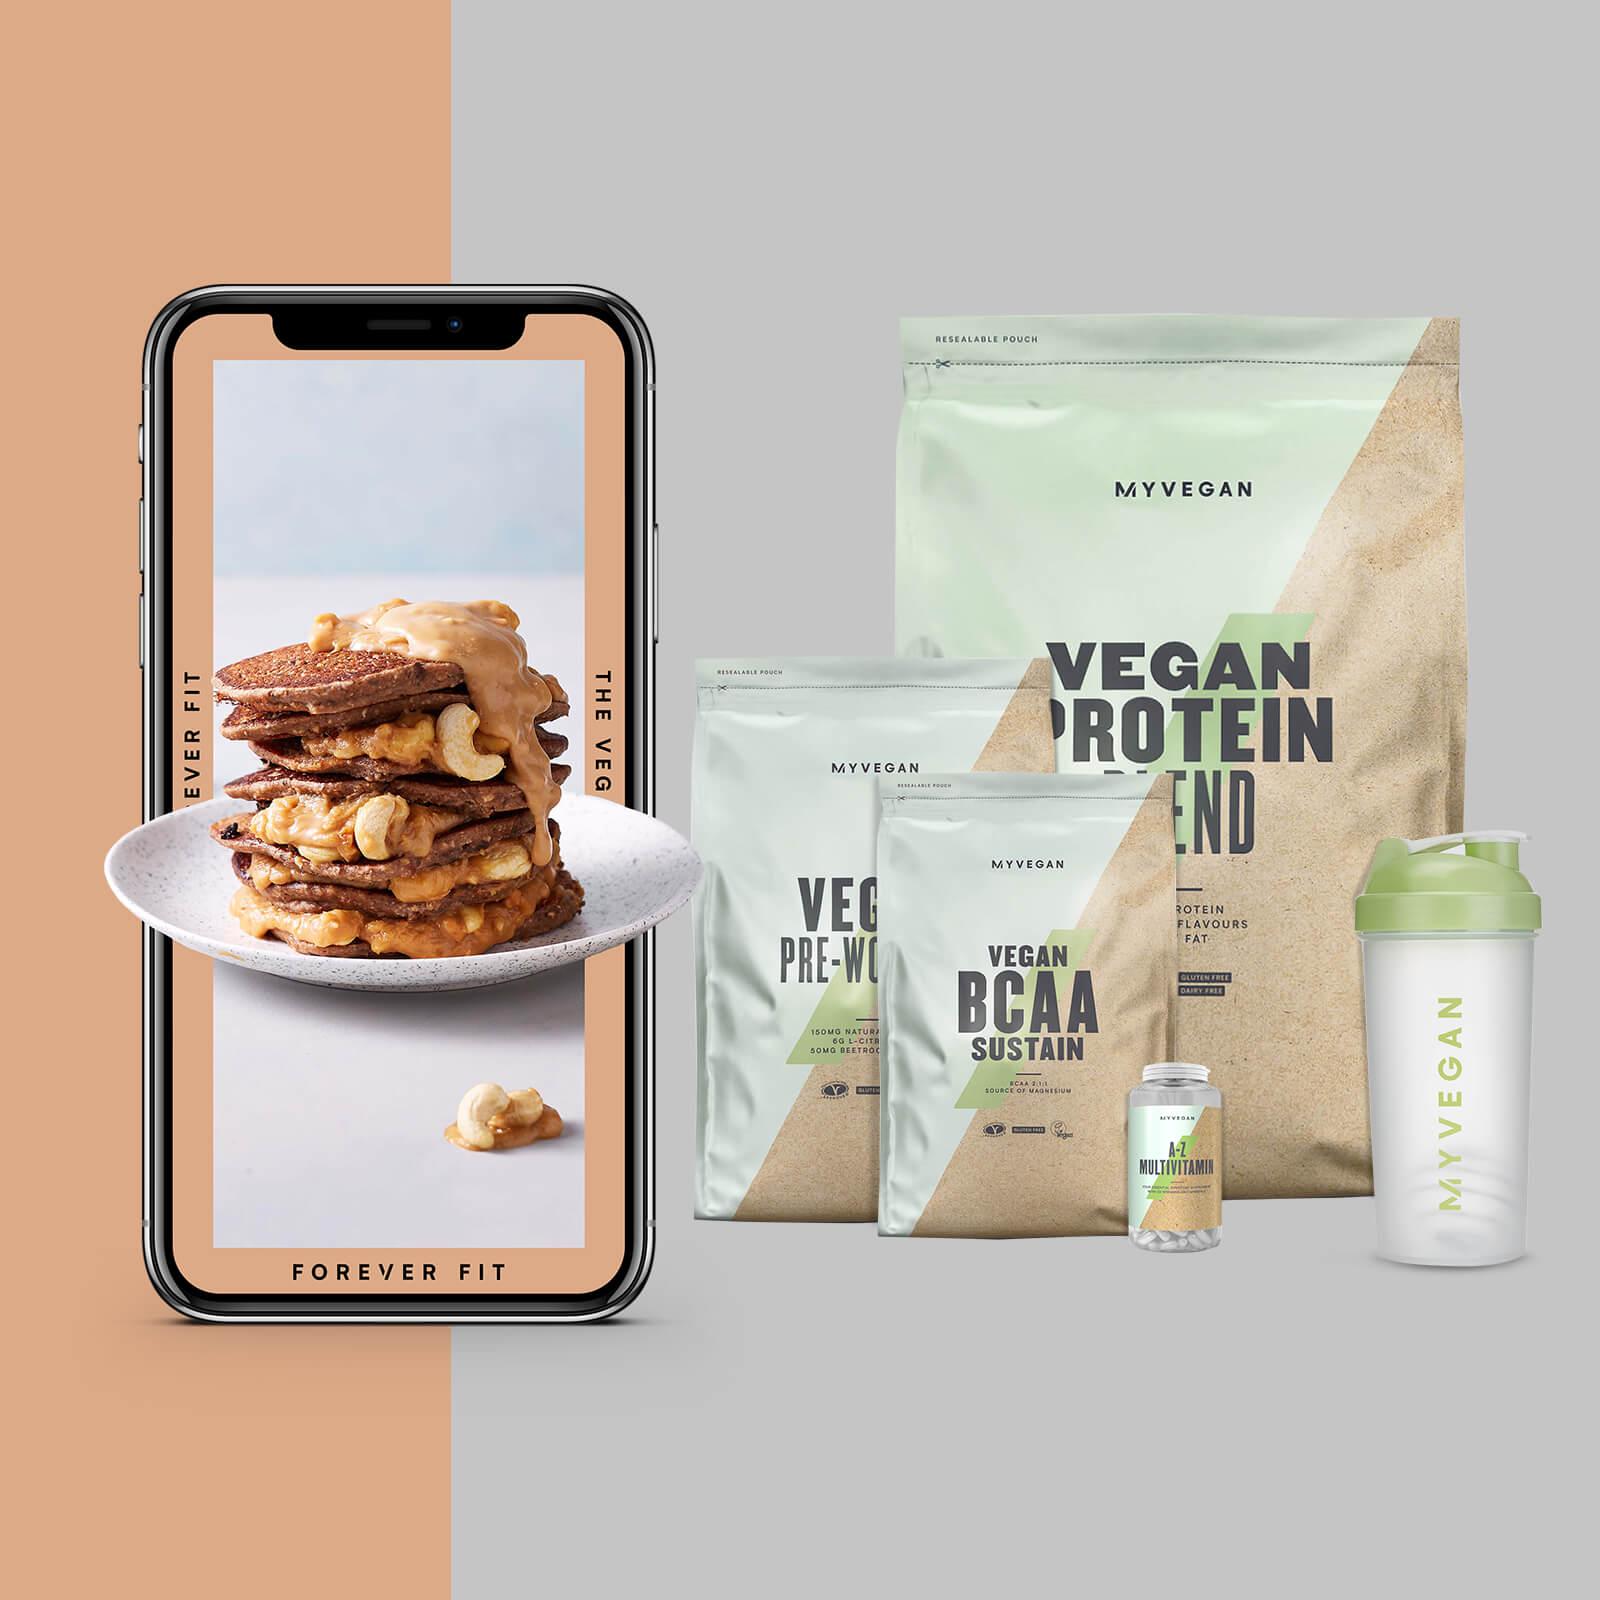 Le Pack Vegan + Guide Entraînement et Nutrition Offert - Lemon and Lime - Lemon Tea - Turmeric Latte